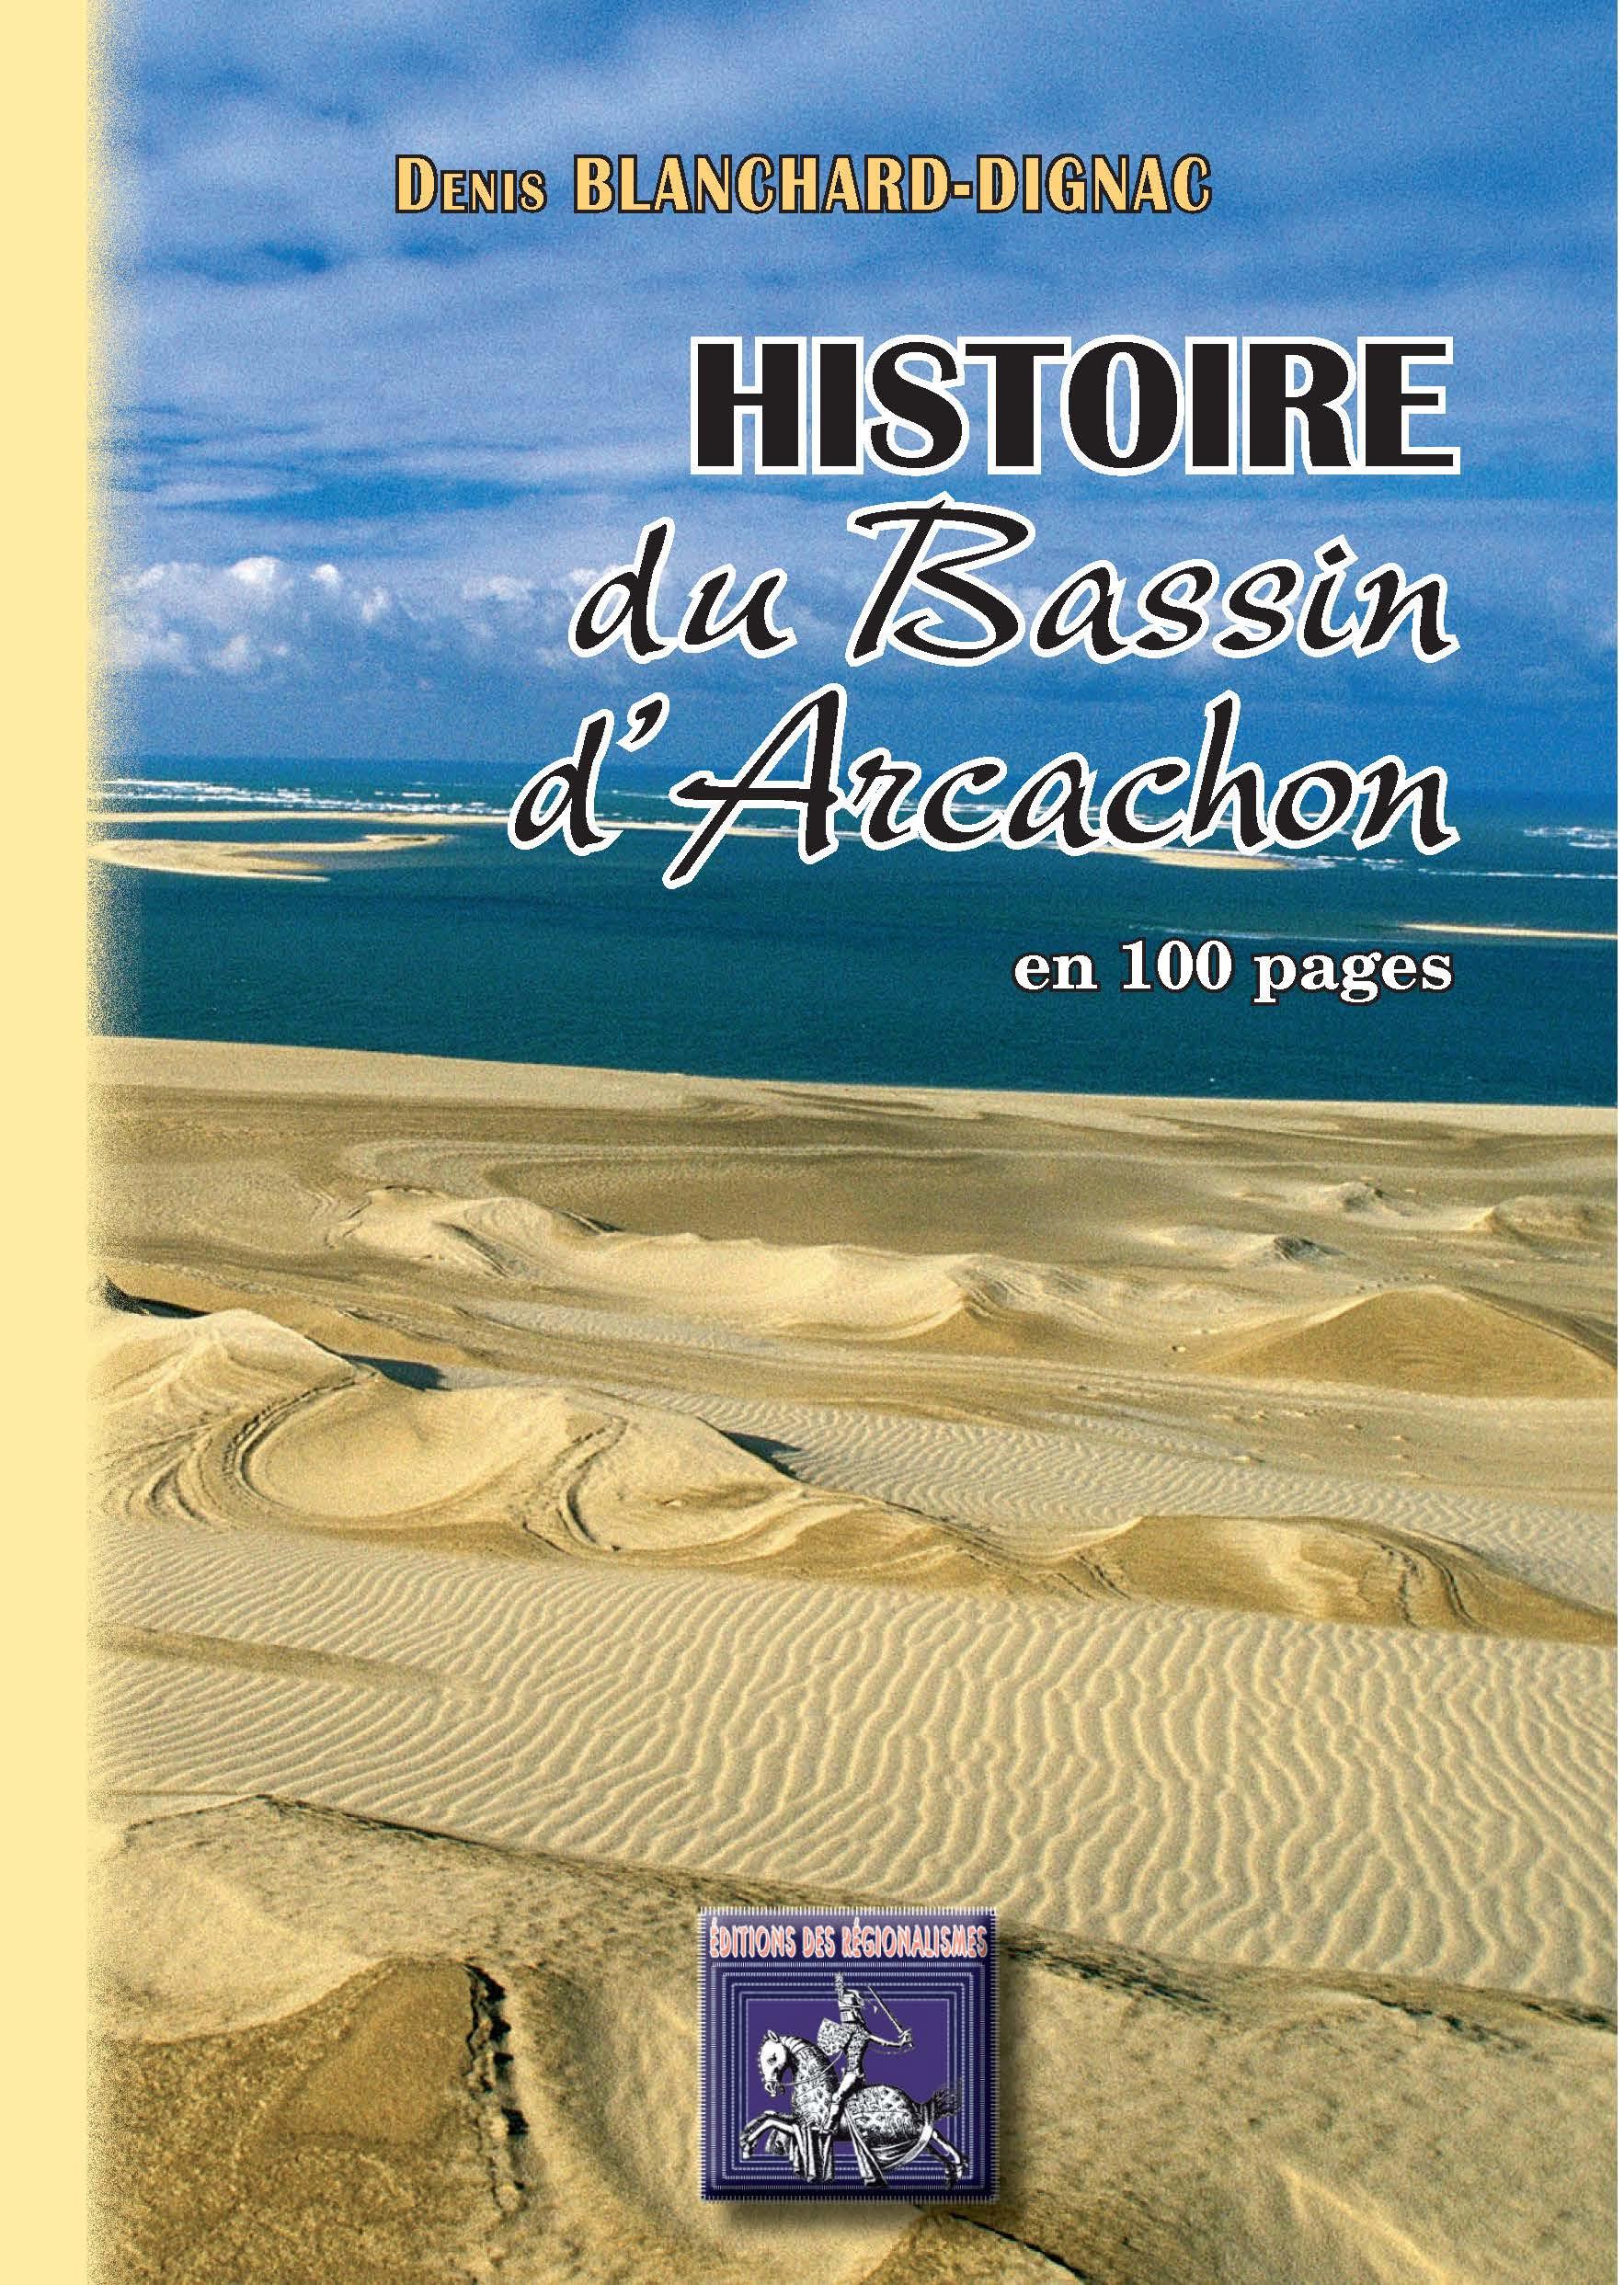 Histoire du Bassin d'Arcachon en 100 pages